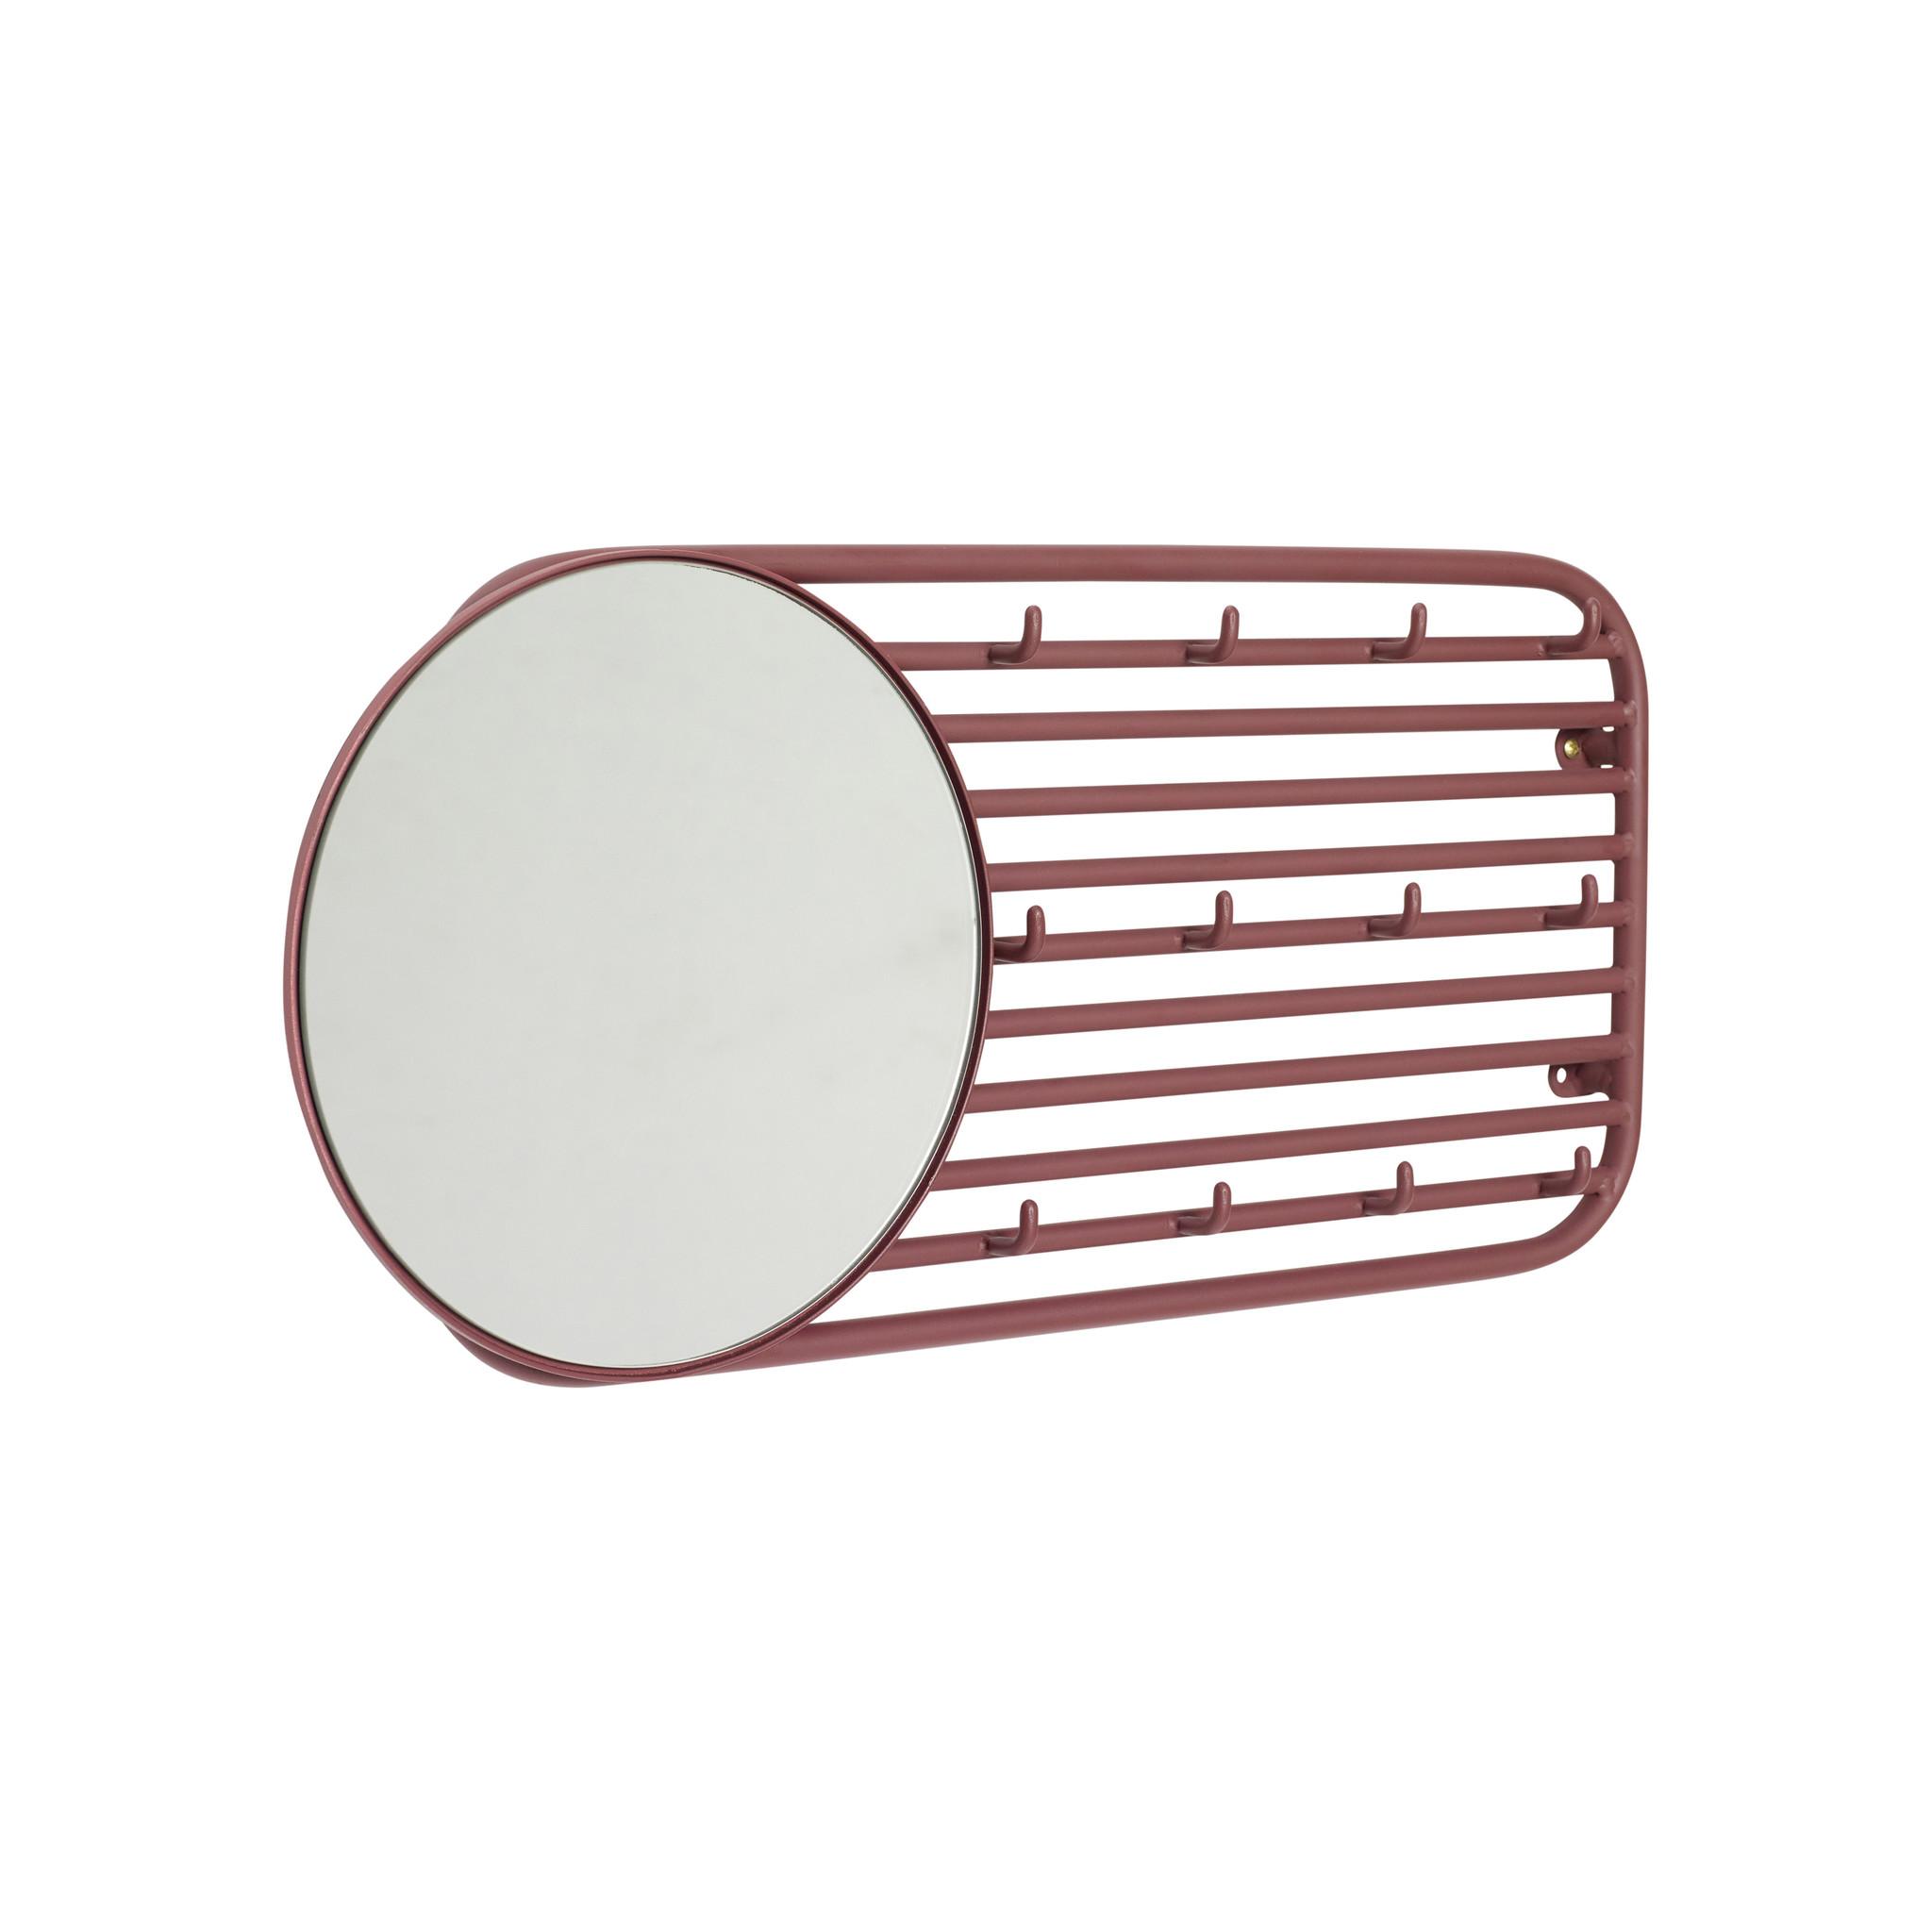 Hubsch Kapstok met spiegel, metaal, rood-990831-5712772069127